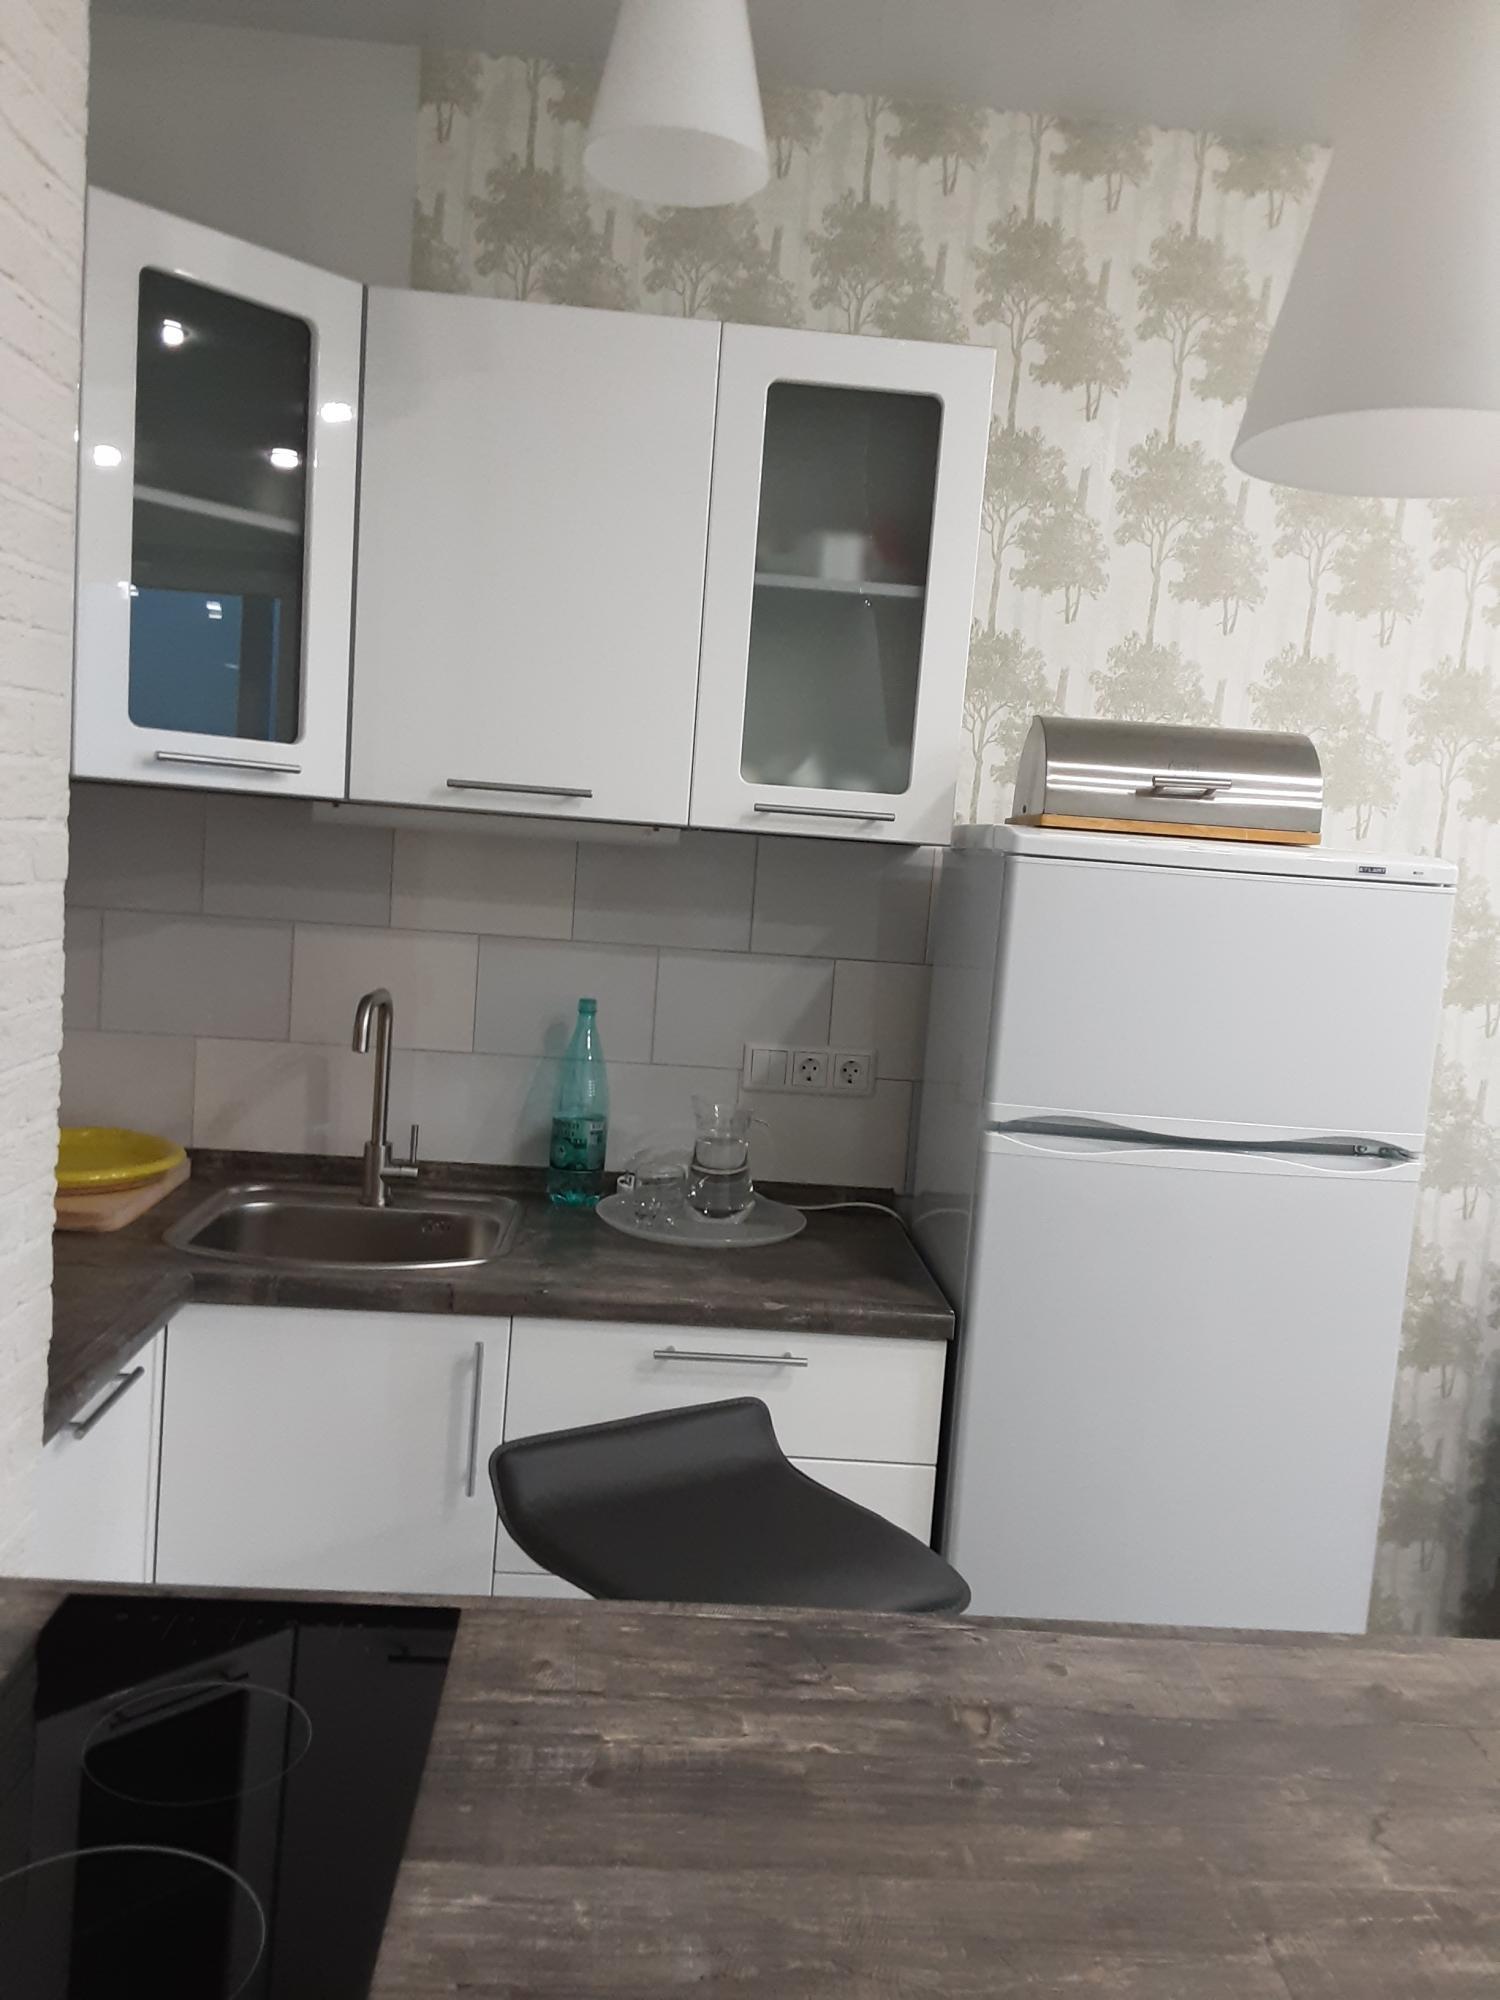 Квартира, студия, 26 м² в Люберцах 89773577037 купить 2